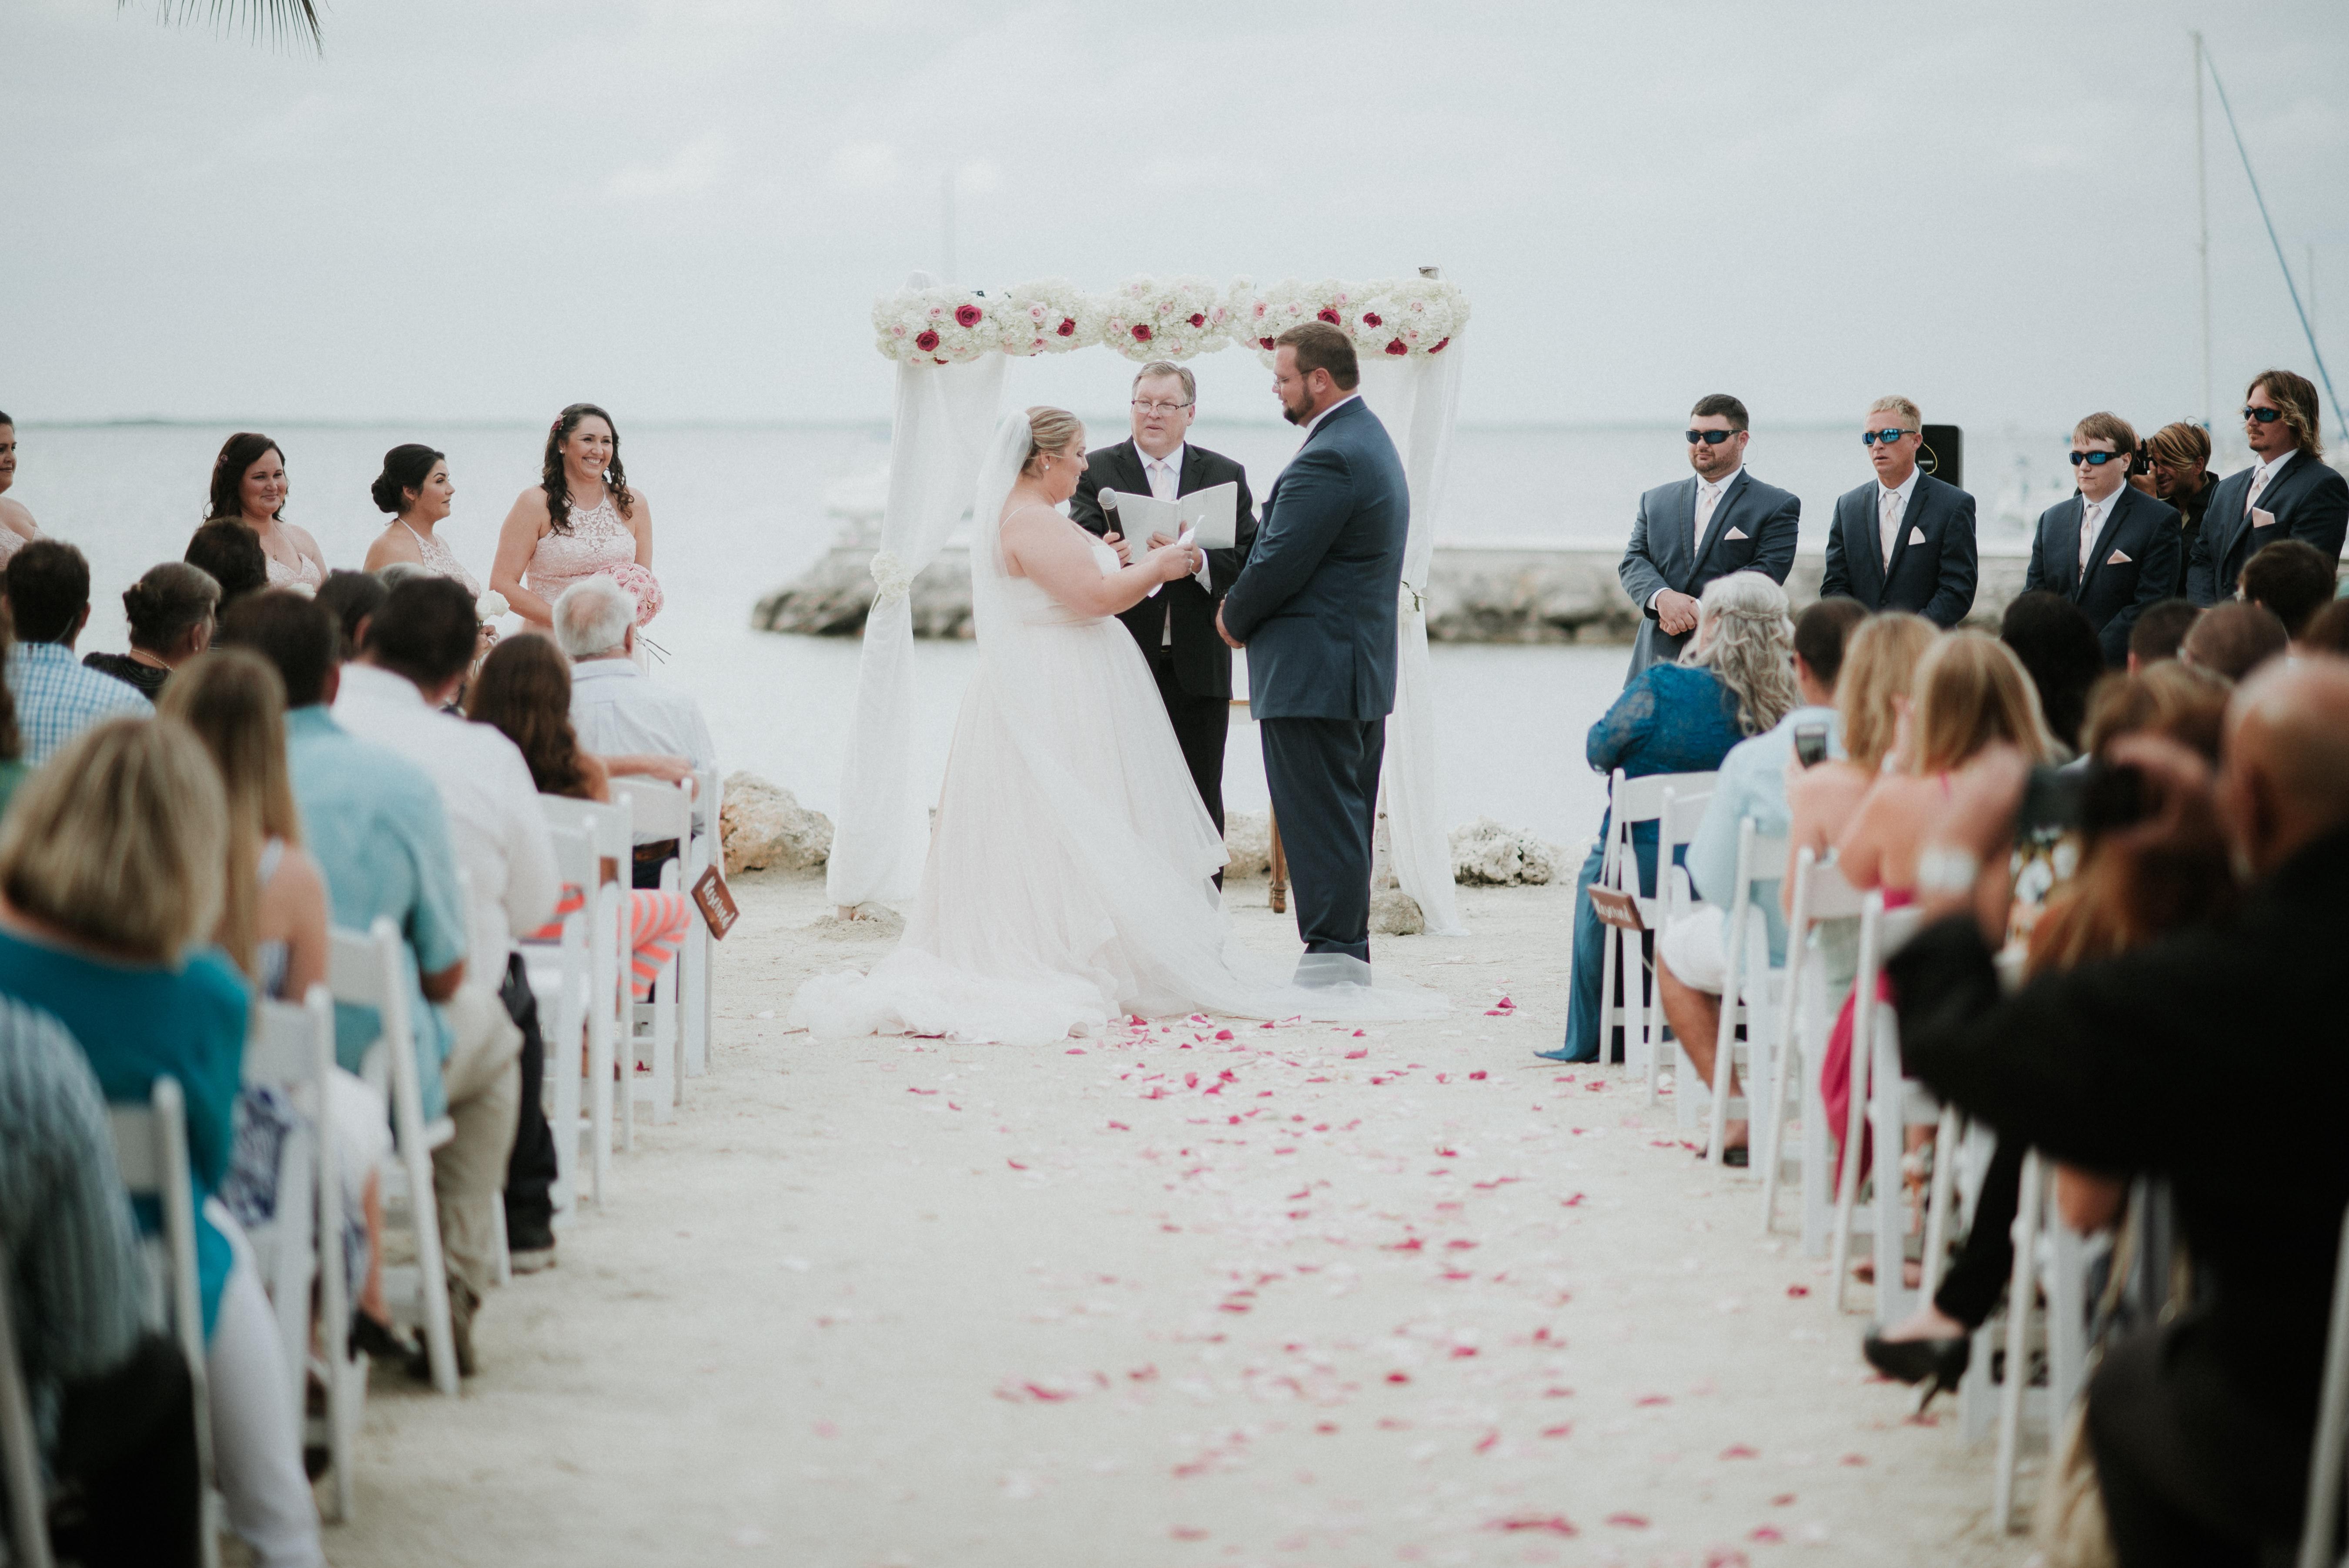 Shelby and Edwards Wedding